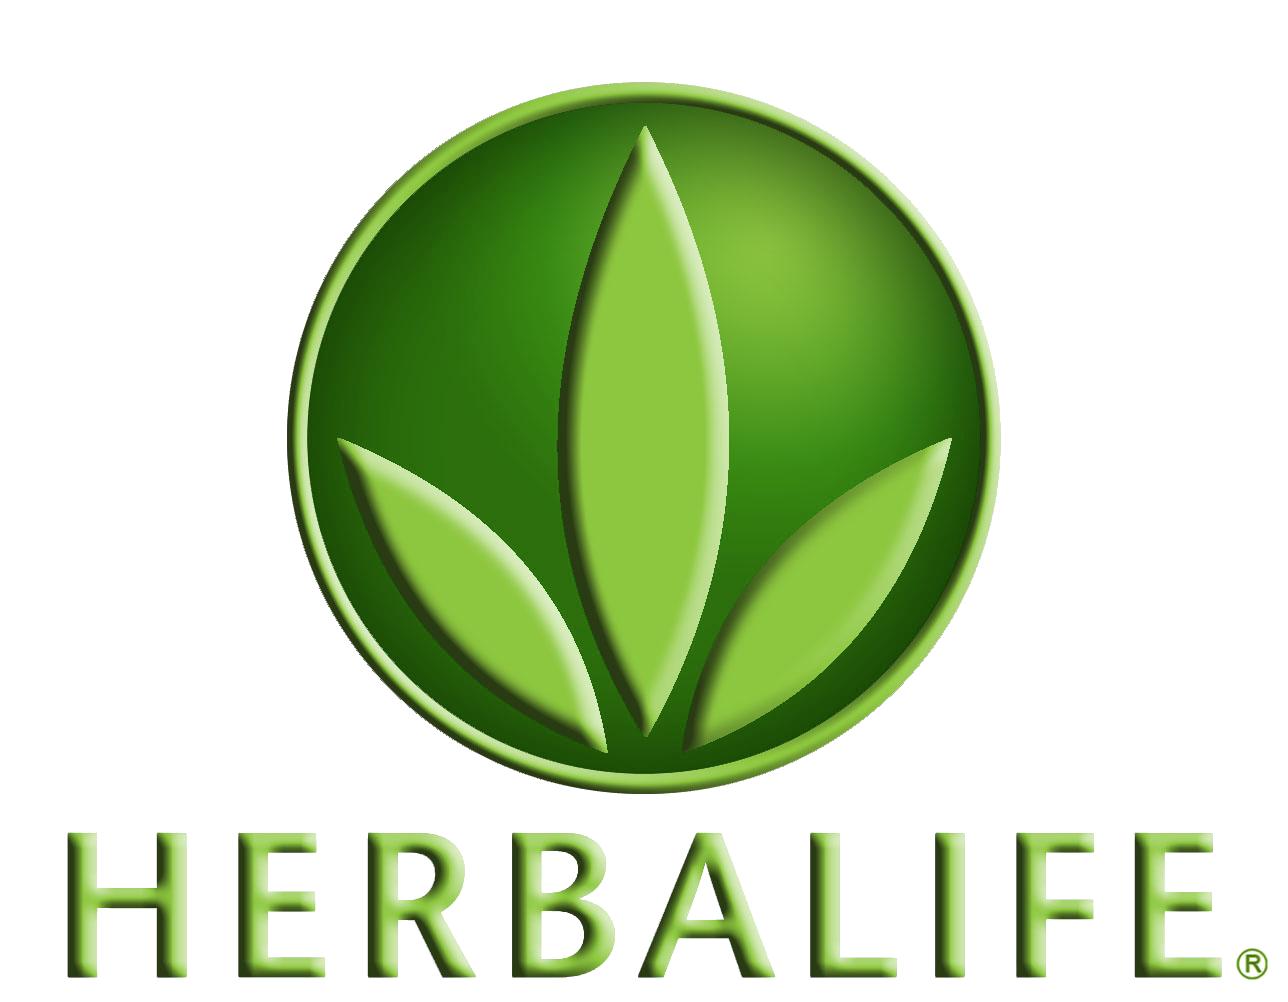 Resultado de imagem para herbalife | Herbalife, Nutrition ... - Herbalife Love Logo